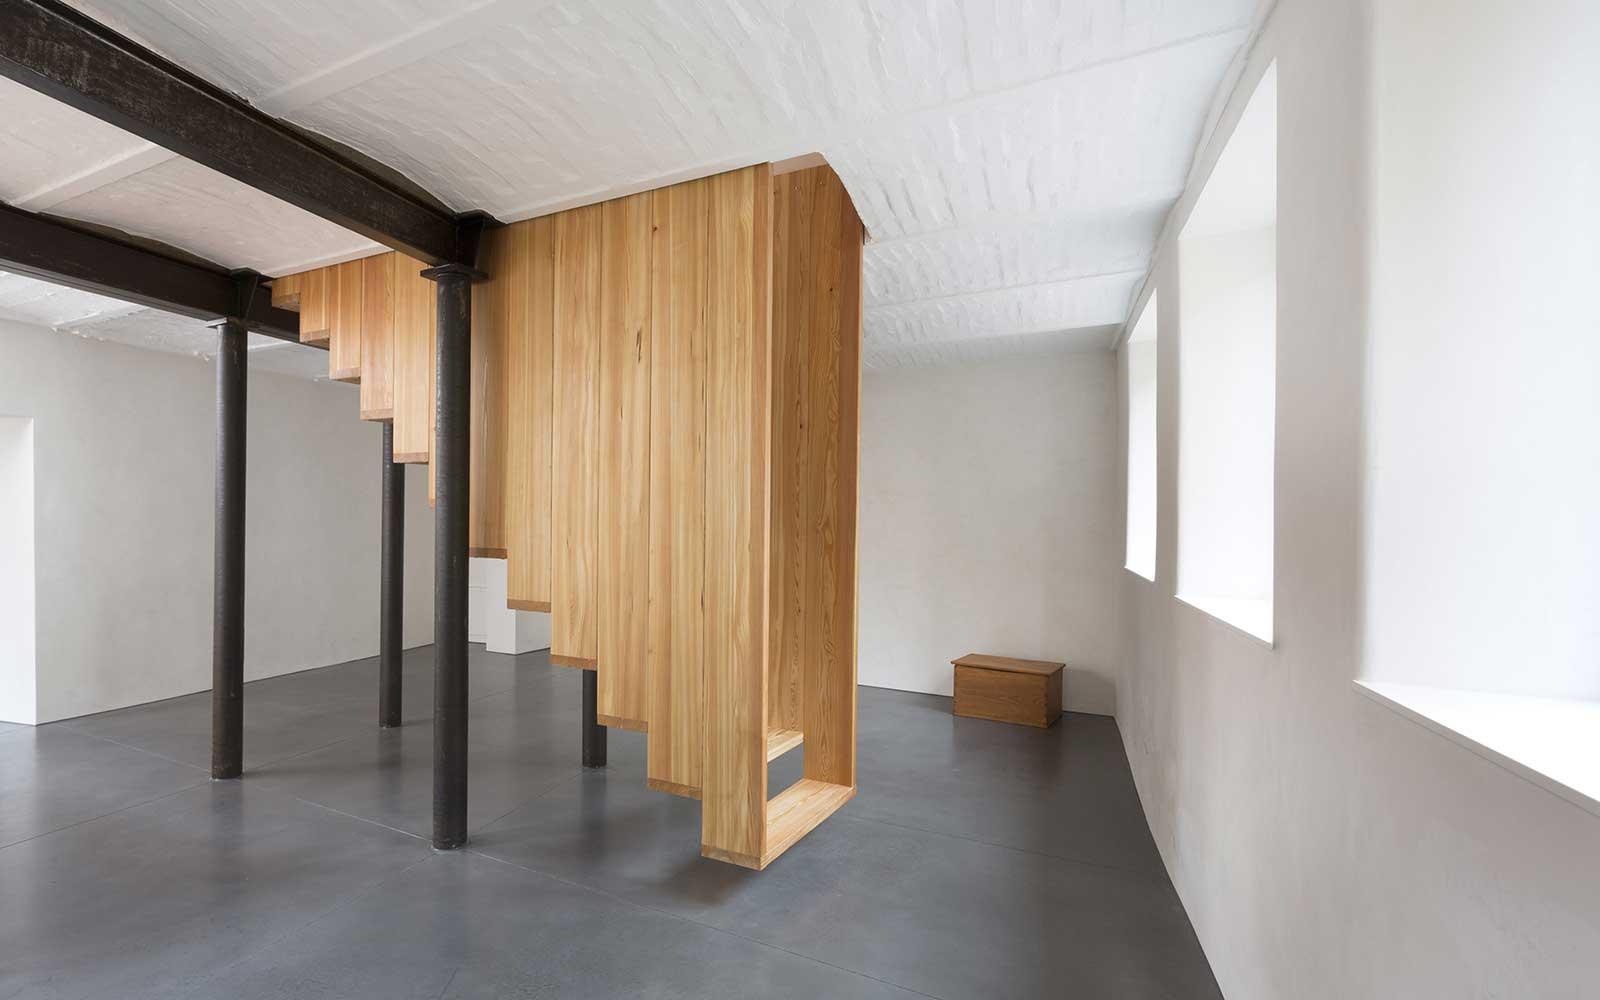 Das Vogelhaus in Heidelberg Rohrbach, Kochhan und Weckbach Architekturbüro Heidelberg